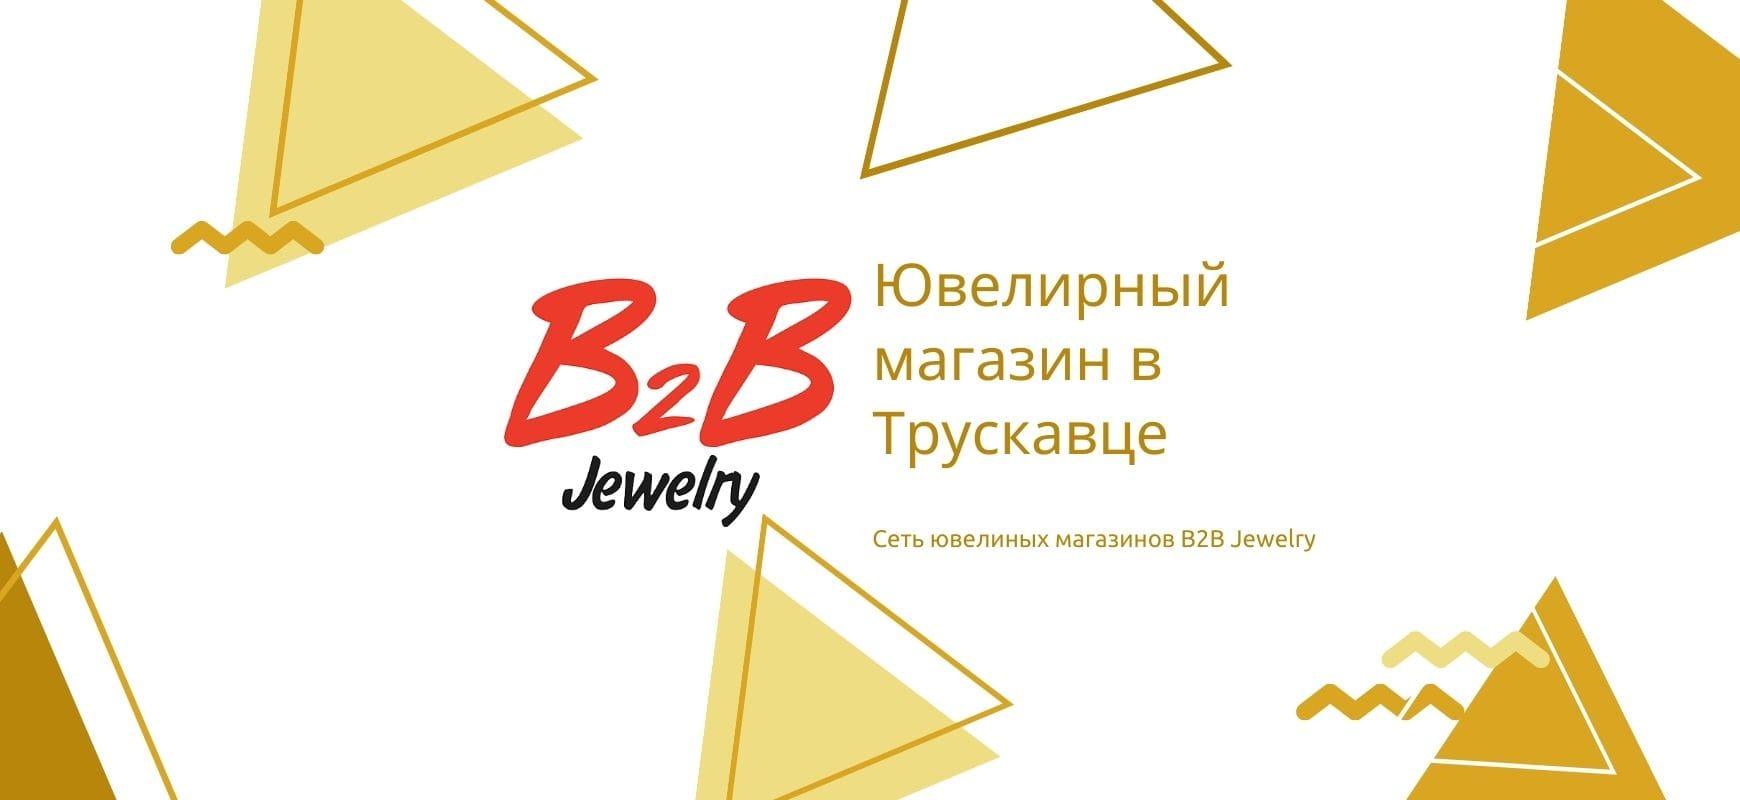 B2B JEWELRY ТРУСКАВЕЦ